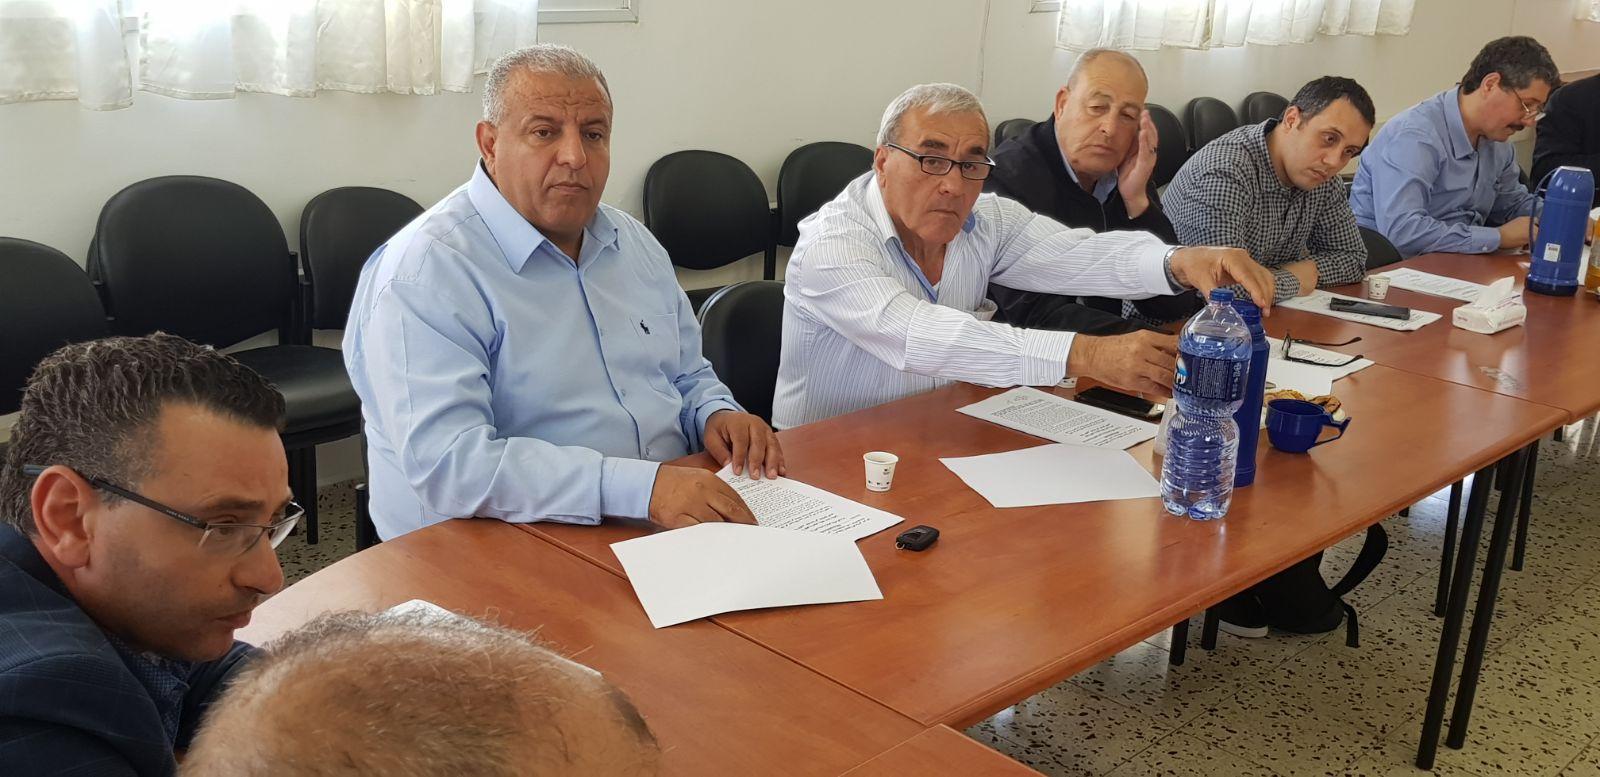 سنة انتخابات؟: تغيب 41 رئيسا عن بحث الخطة الخُماسية للعرب